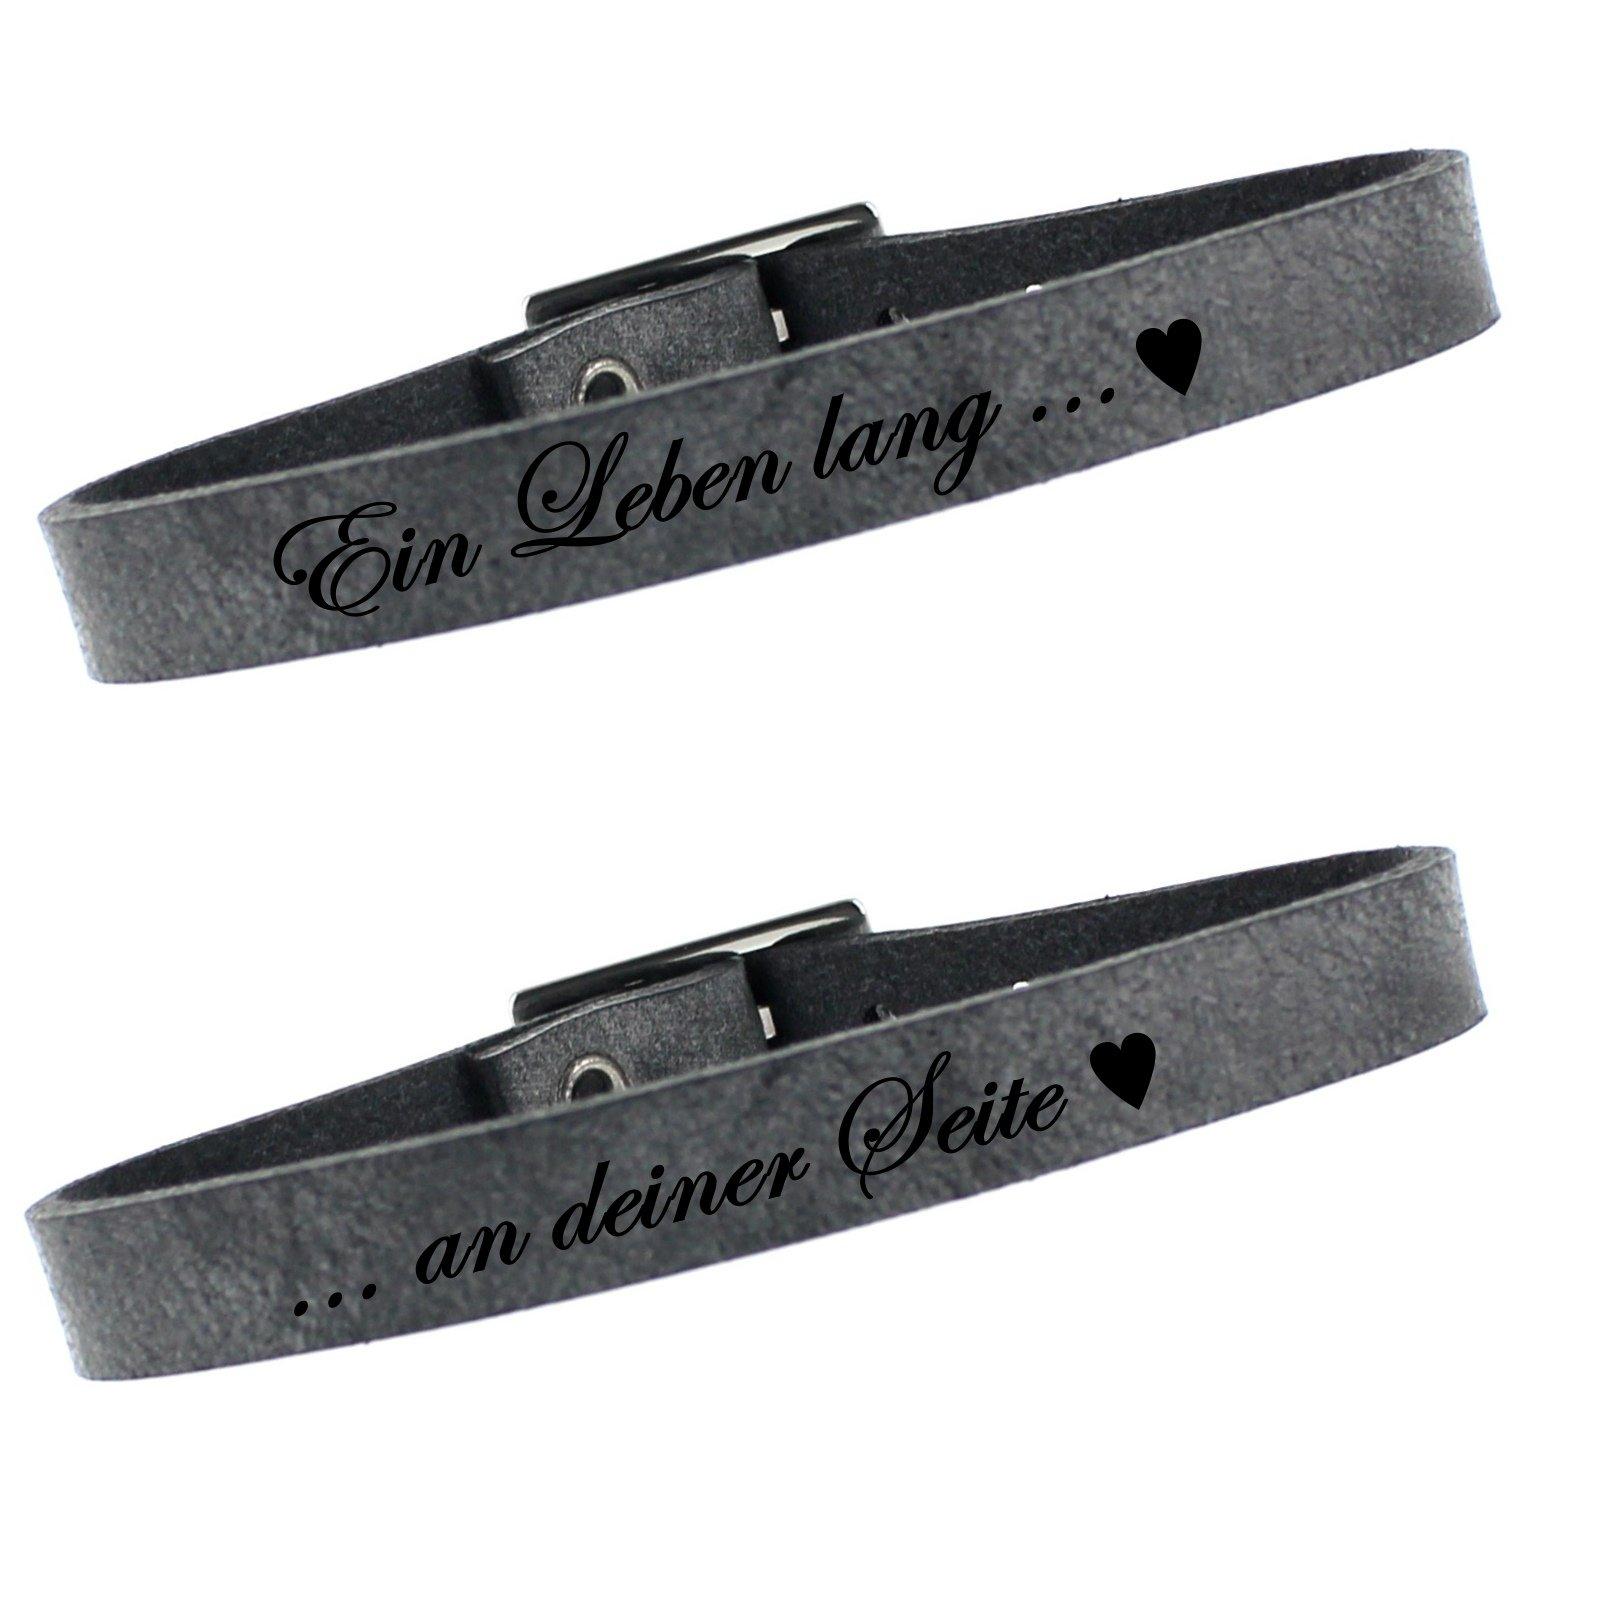 Leder Partner Armbänder 2er Set 23cm - grey